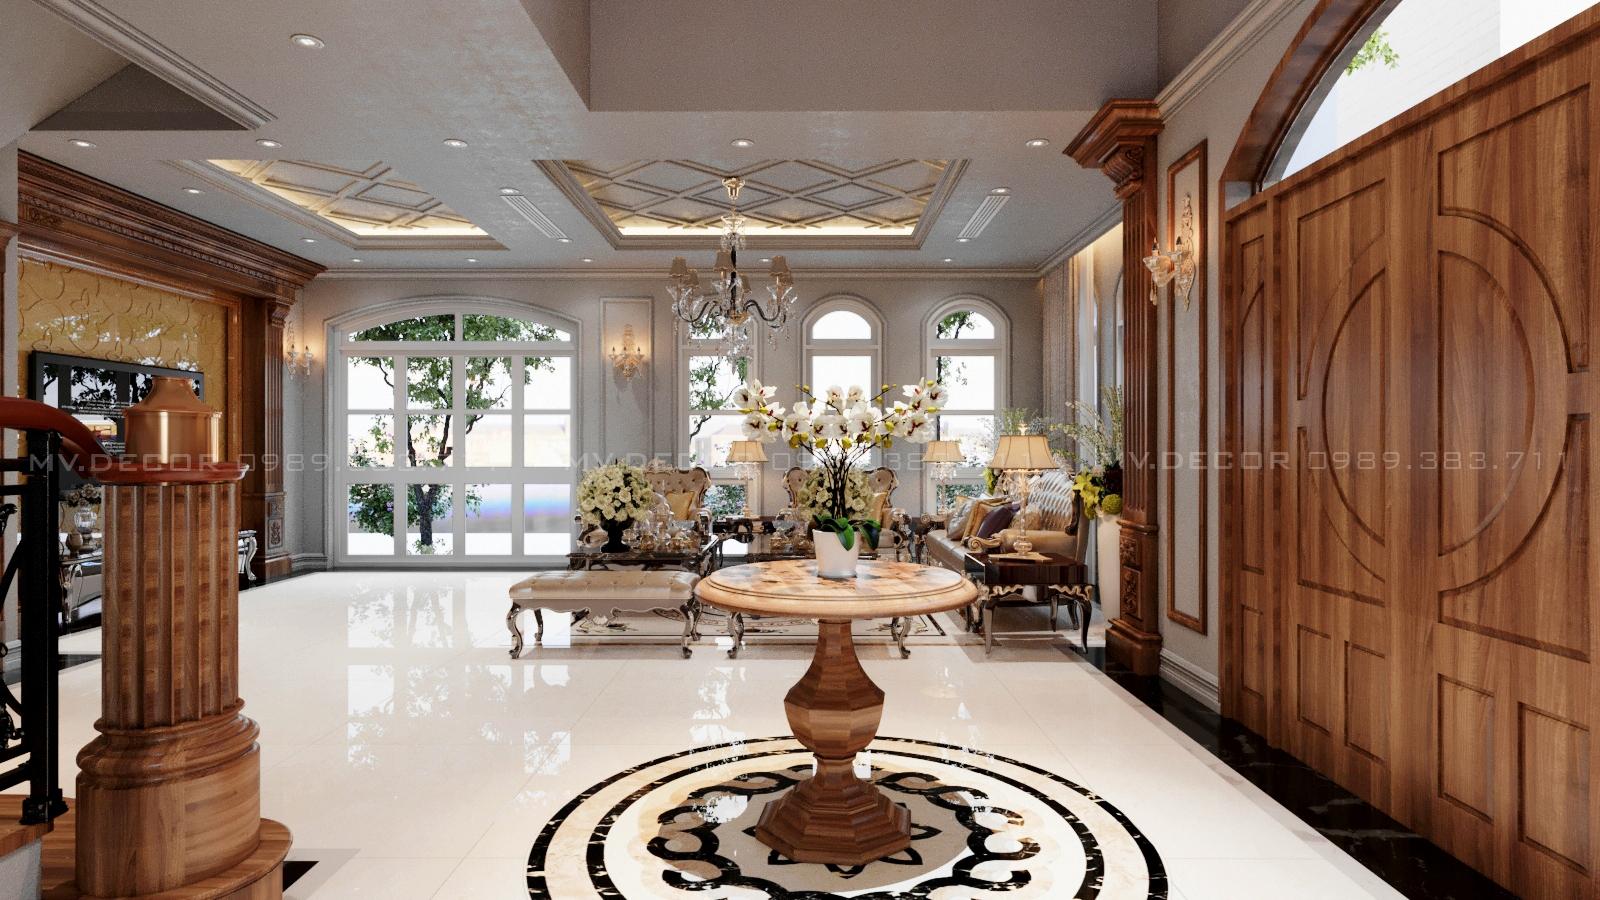 thiết kế nội thất Biệt Thự tại Hải Phòng BT VINHOME HẢI PHÒNG 5 1562719447